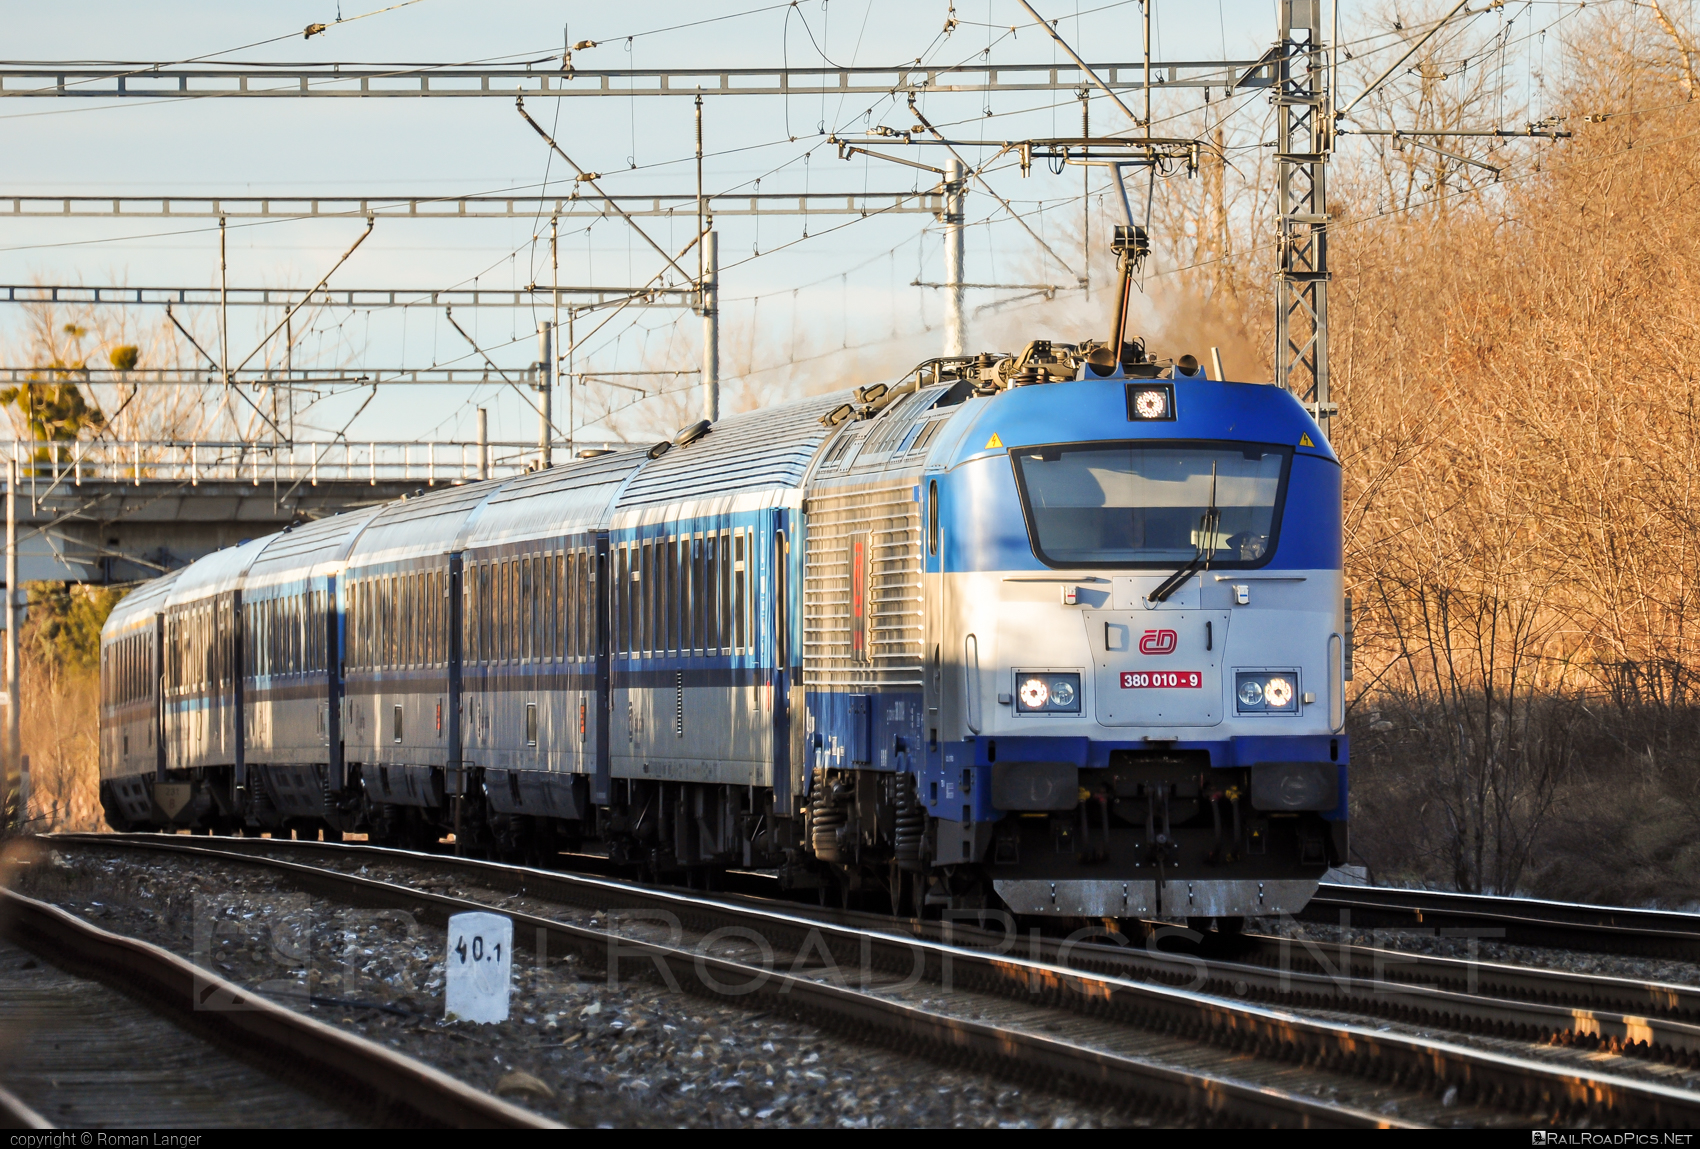 Škoda 109E1 Emil Zátopek - 380 010-9 operated by České dráhy, a.s. #ceskedrahy #emilzatopeklocomotive #locomotive380 #skoda #skoda109e #skoda109elocomotive